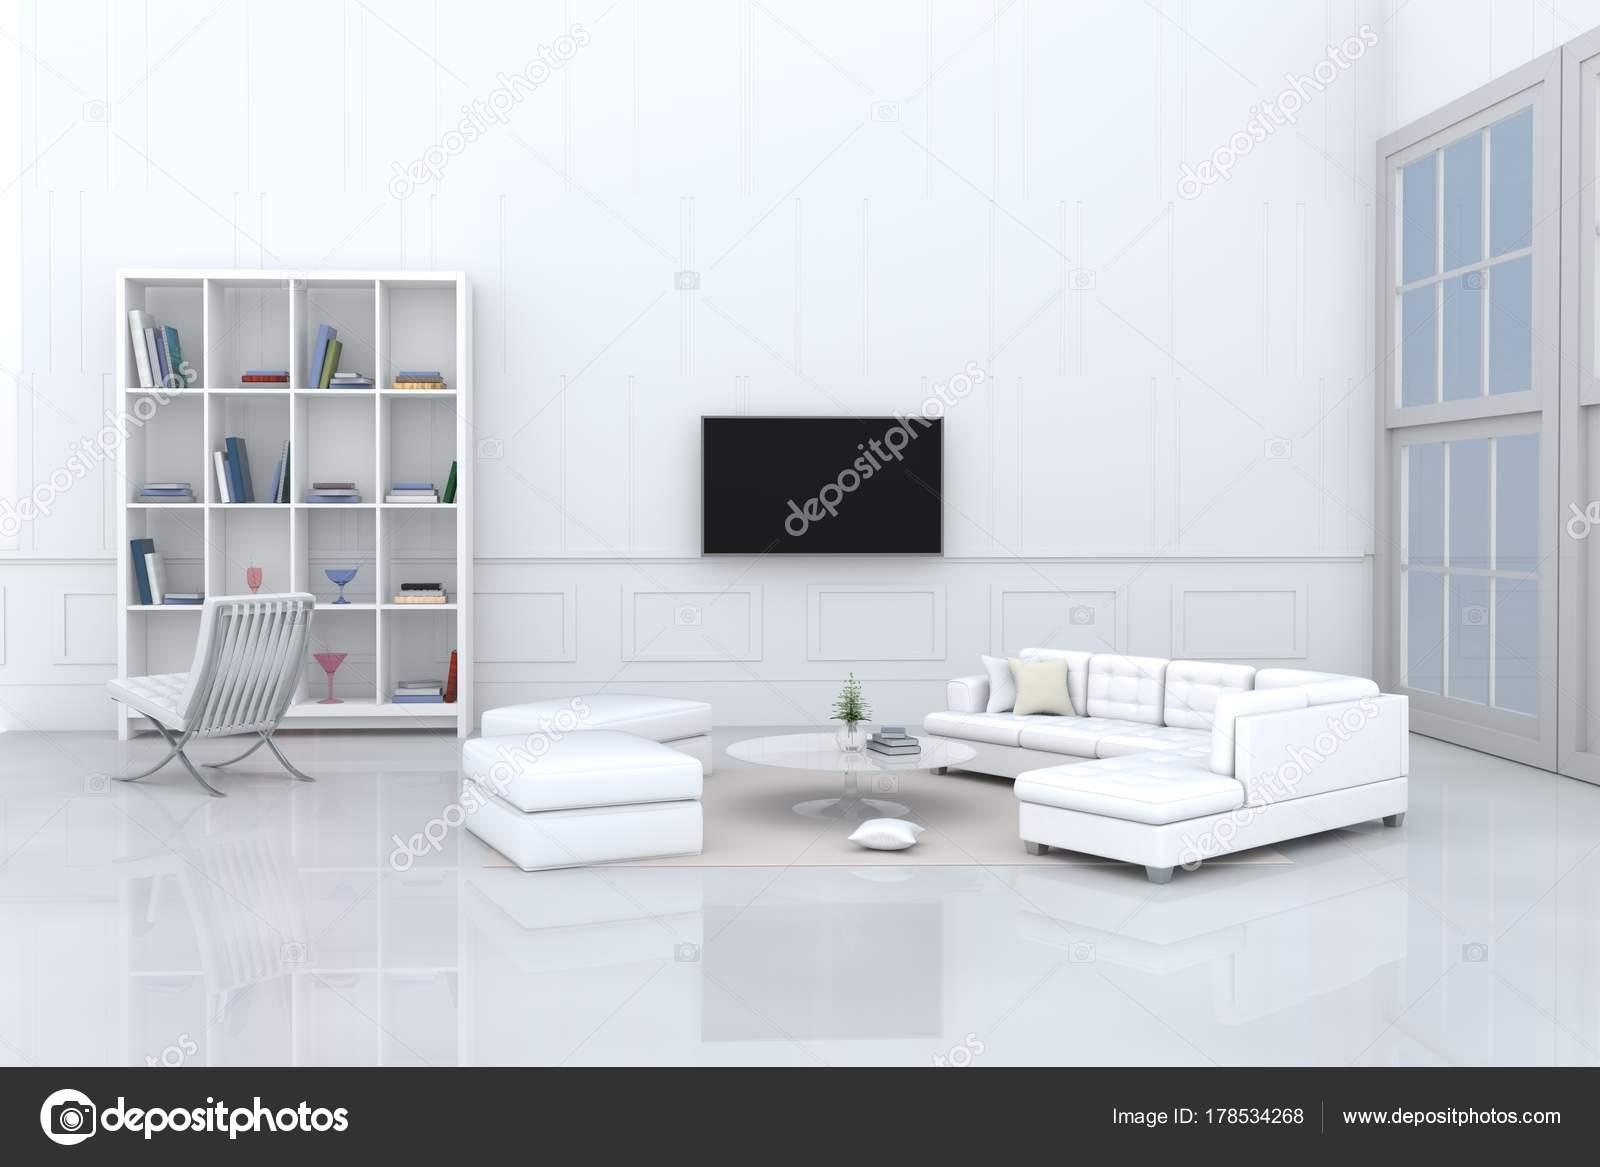 Weiße Wohnzimmer Dekoriert Mit Weißen Sofa Baum Glas Vase ...